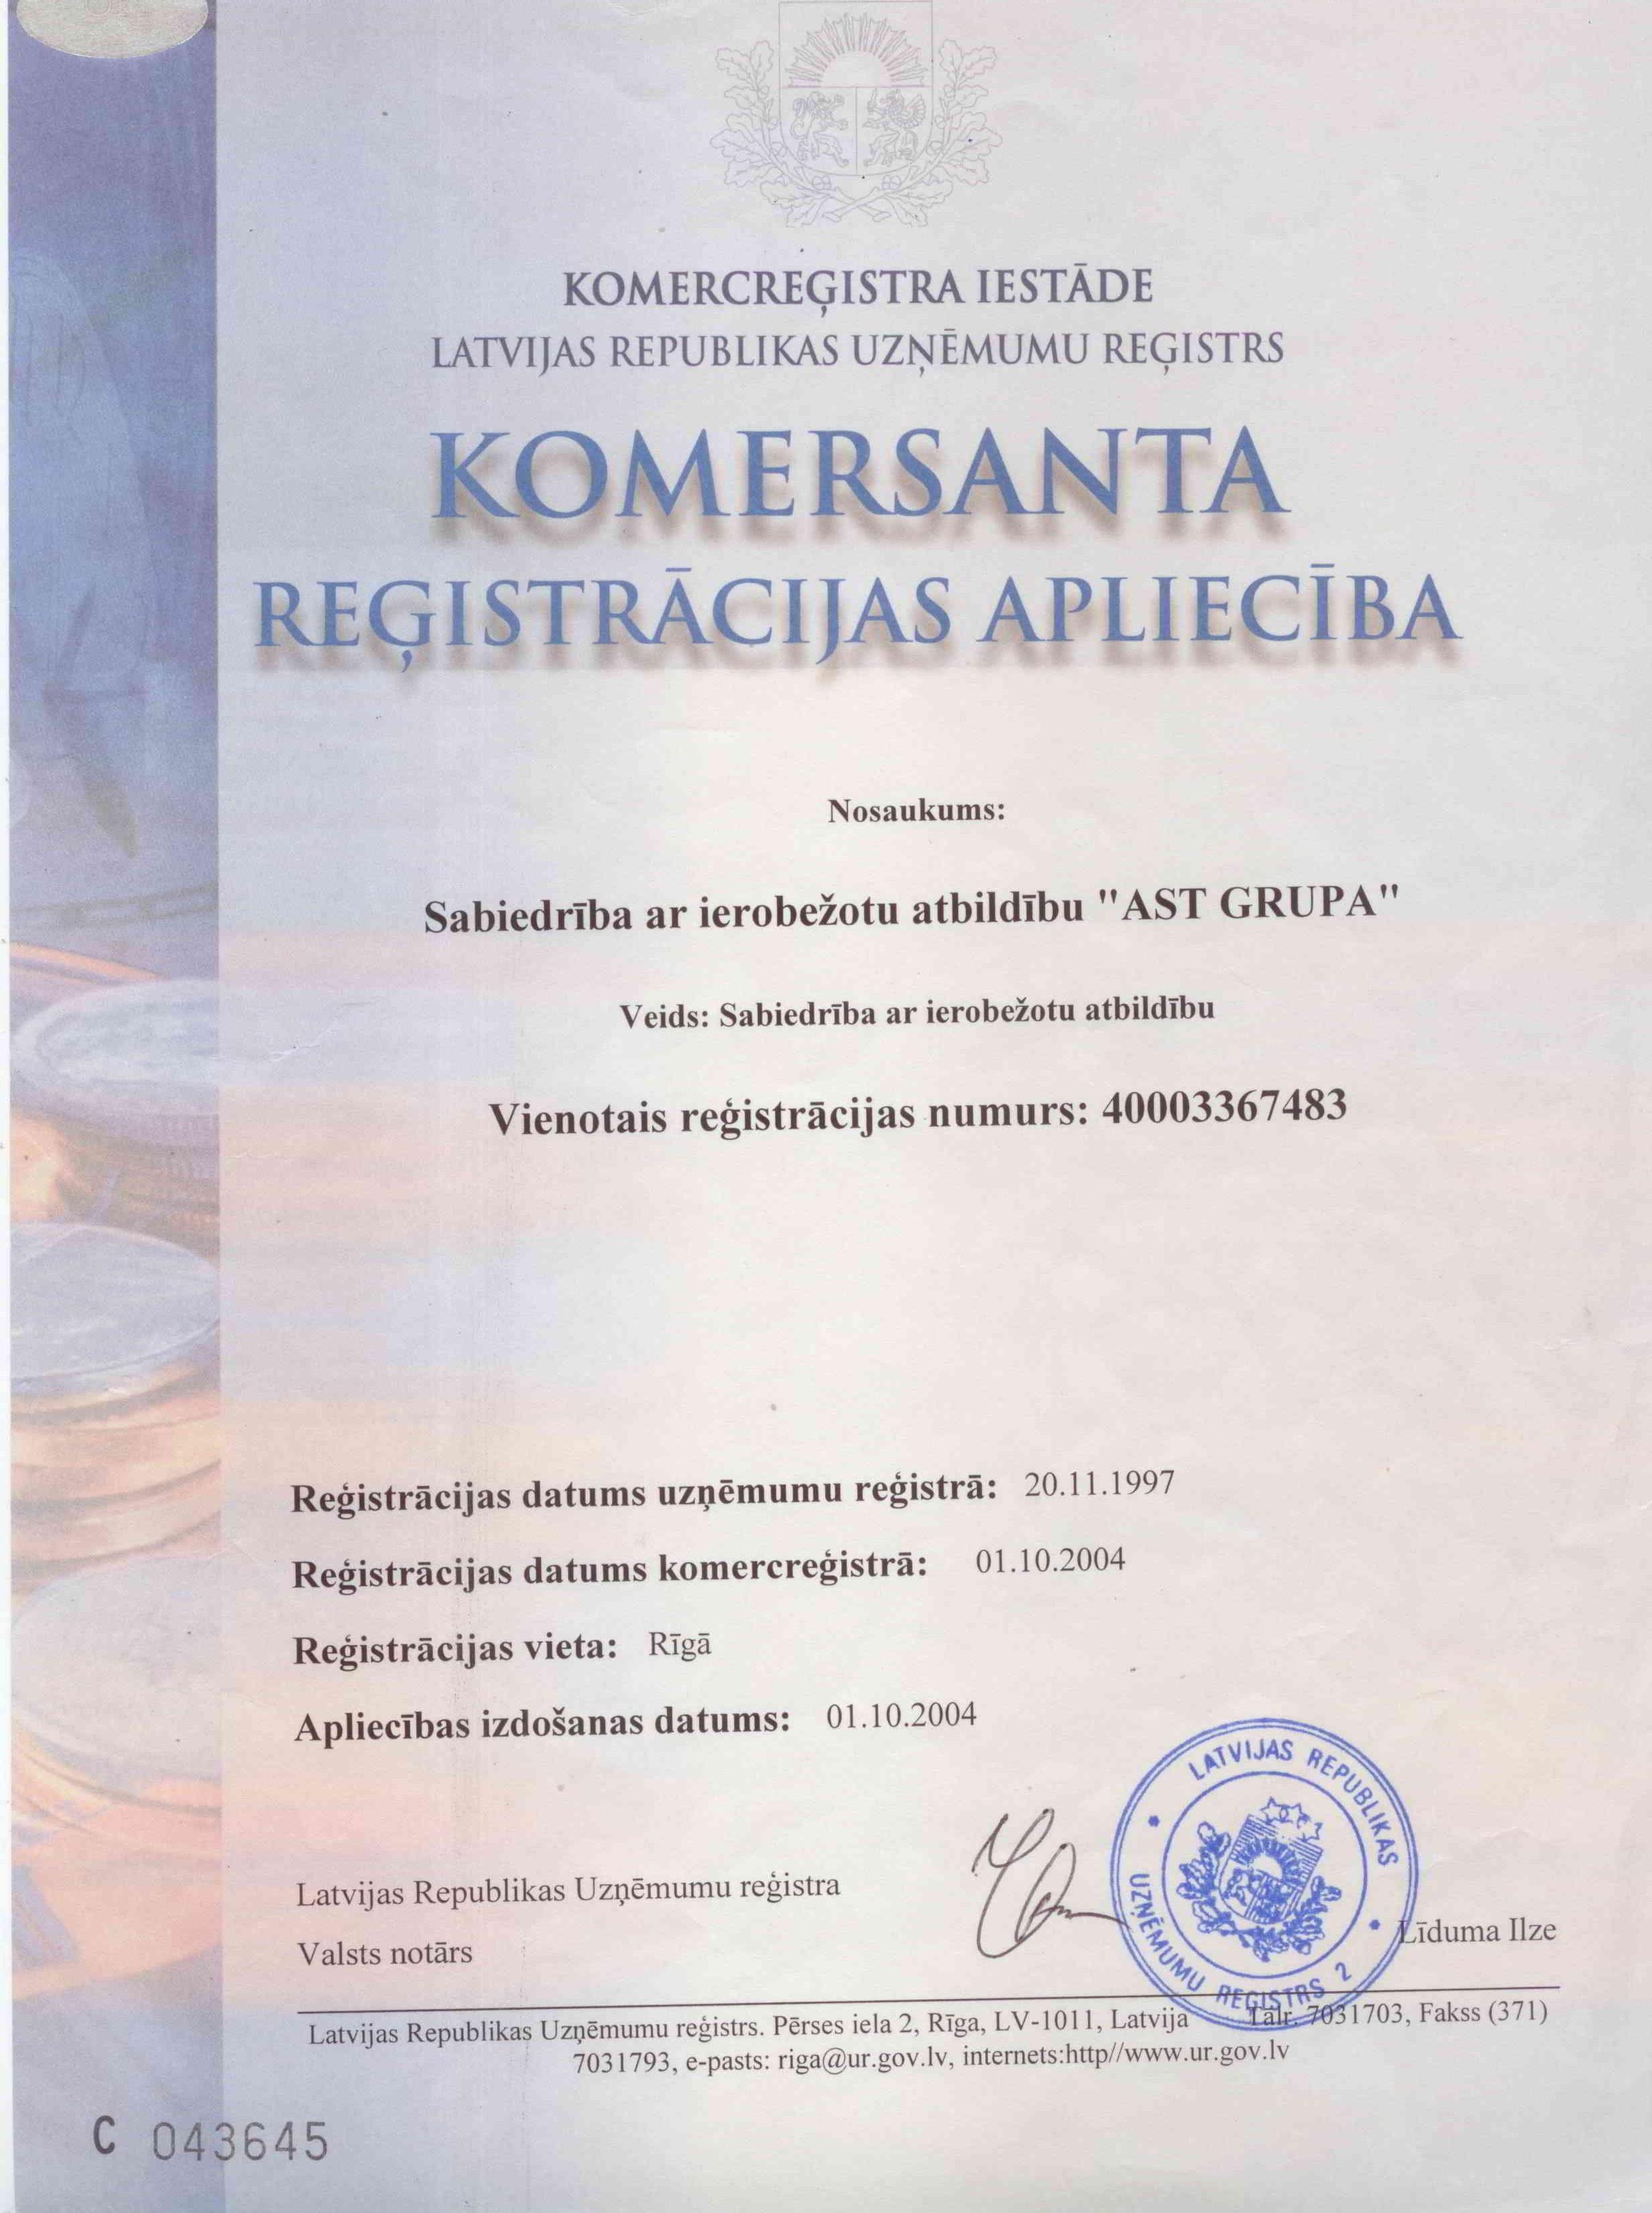 Свидетельство о регистрации компании AST Grupa